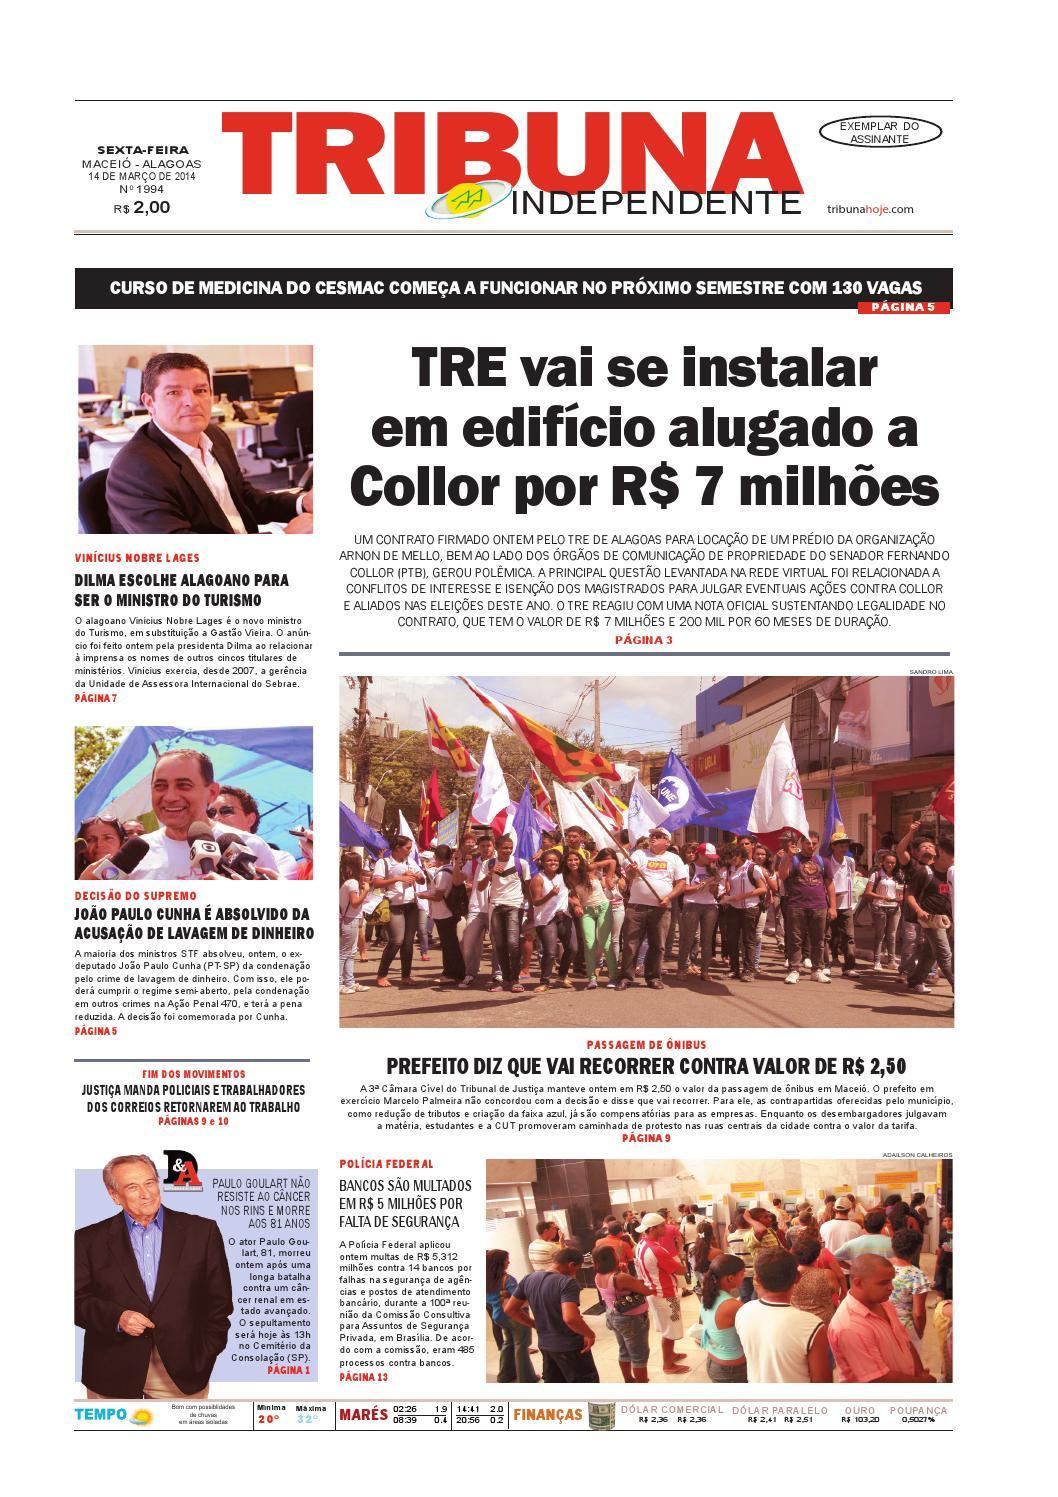 7f79dc57567 Edição número 1994 - 14 de março de 2014 by Tribuna Hoje - issuu